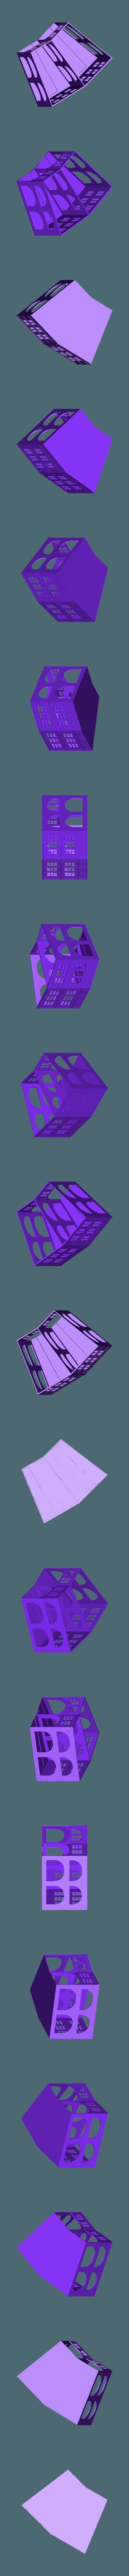 building_big_MID.stl Télécharger fichier STL gratuit Dépôt de train à l'échelle 1:87 HO avec table tournante • Plan pour imprimante 3D, nenchev